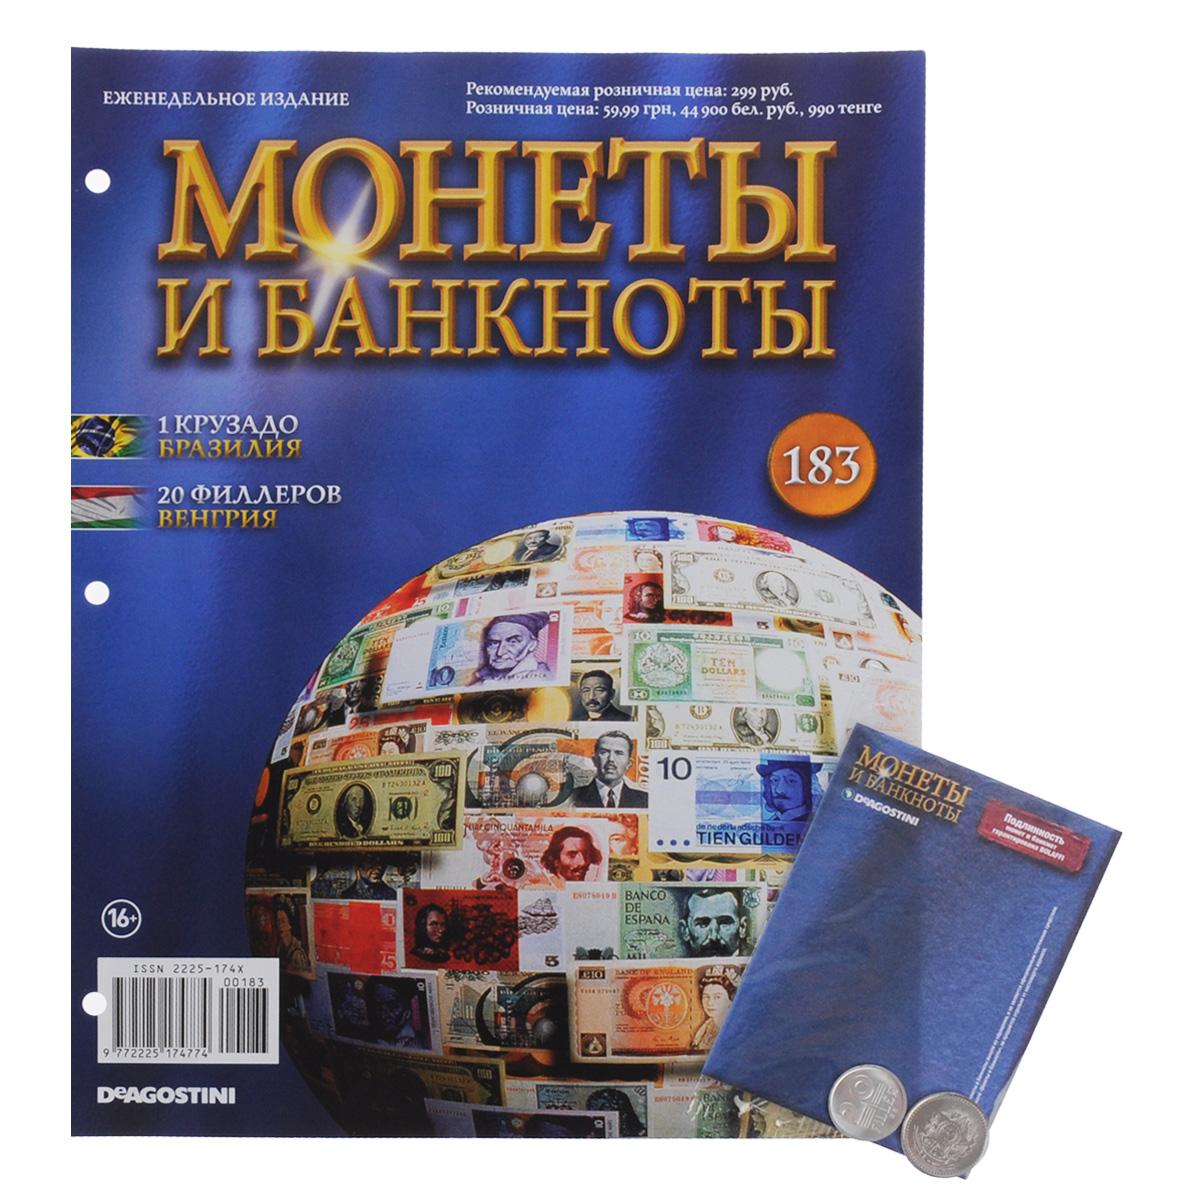 Журнал Монеты и банкноты №183 монеты в сургуте я продаю